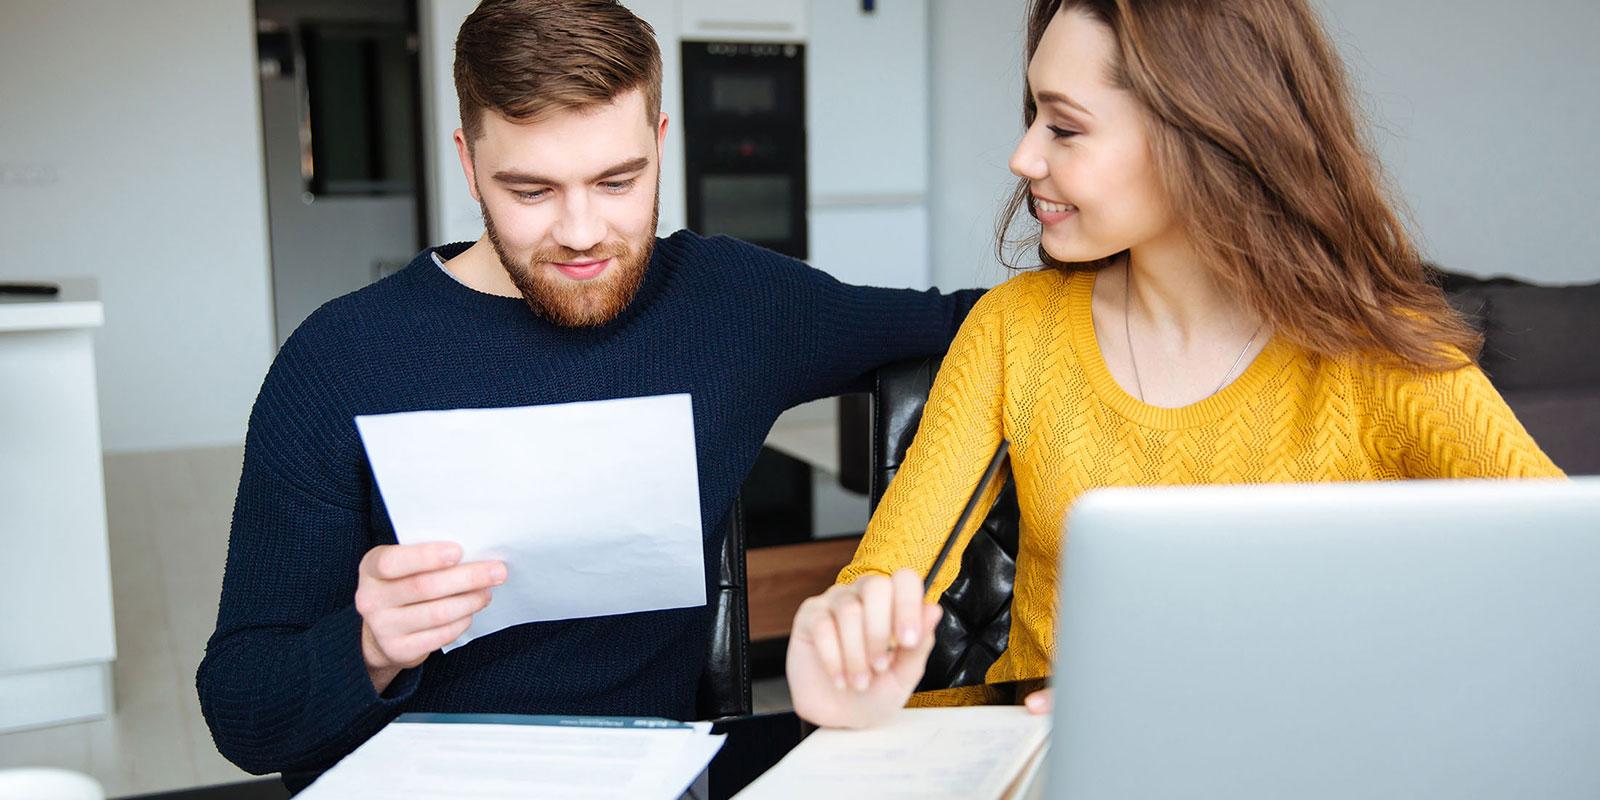 Sloučením půjček můžete ušetřit tisíce korun měsíčně. Přehled aktuálních nabídek bank - únor 2021